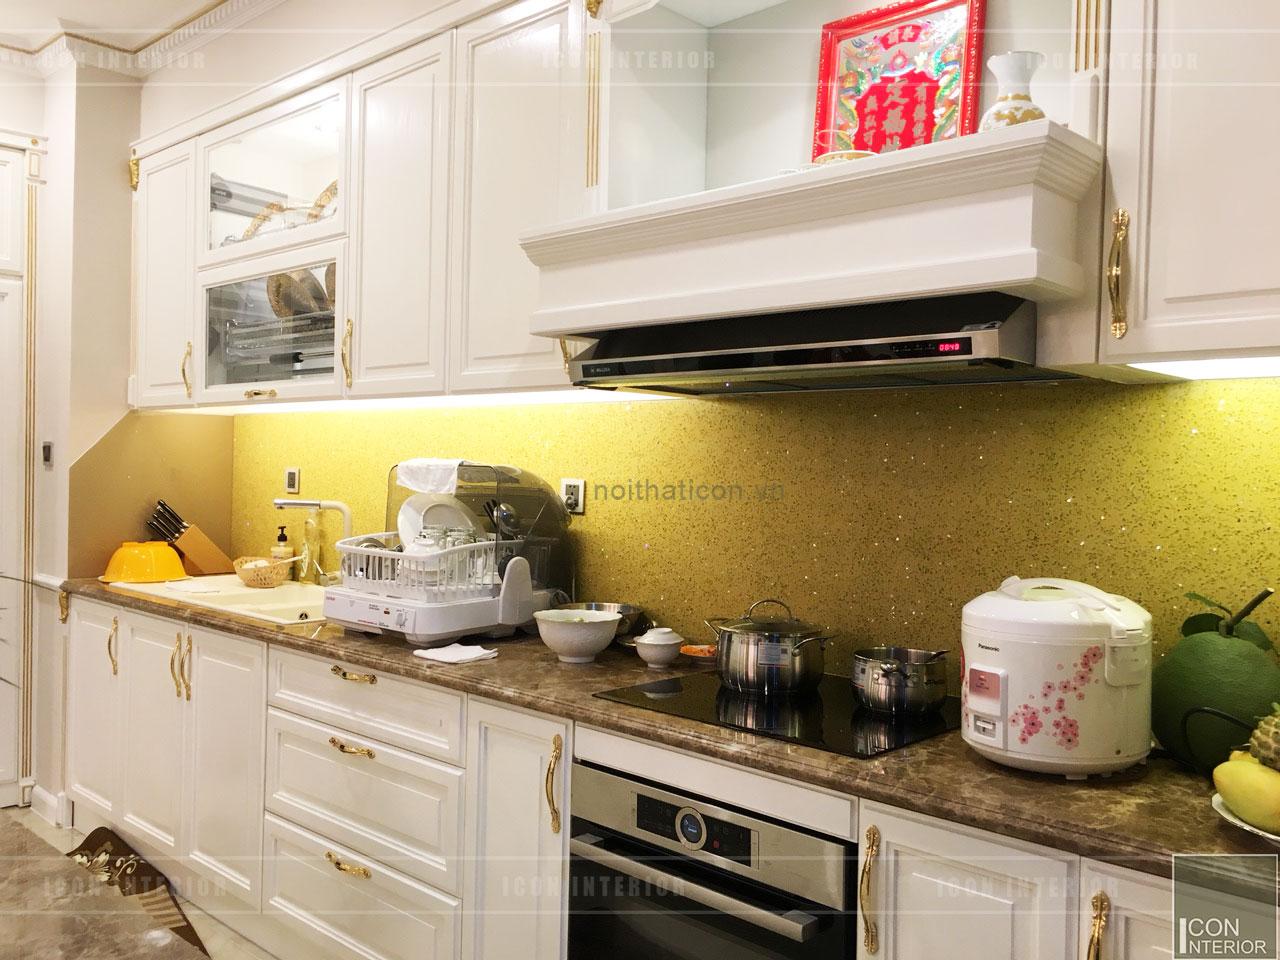 thi-cong-can-ho-vinhomes-golden-river-ms-hang-2 Cách khử mùi hôi trong nhà bếp